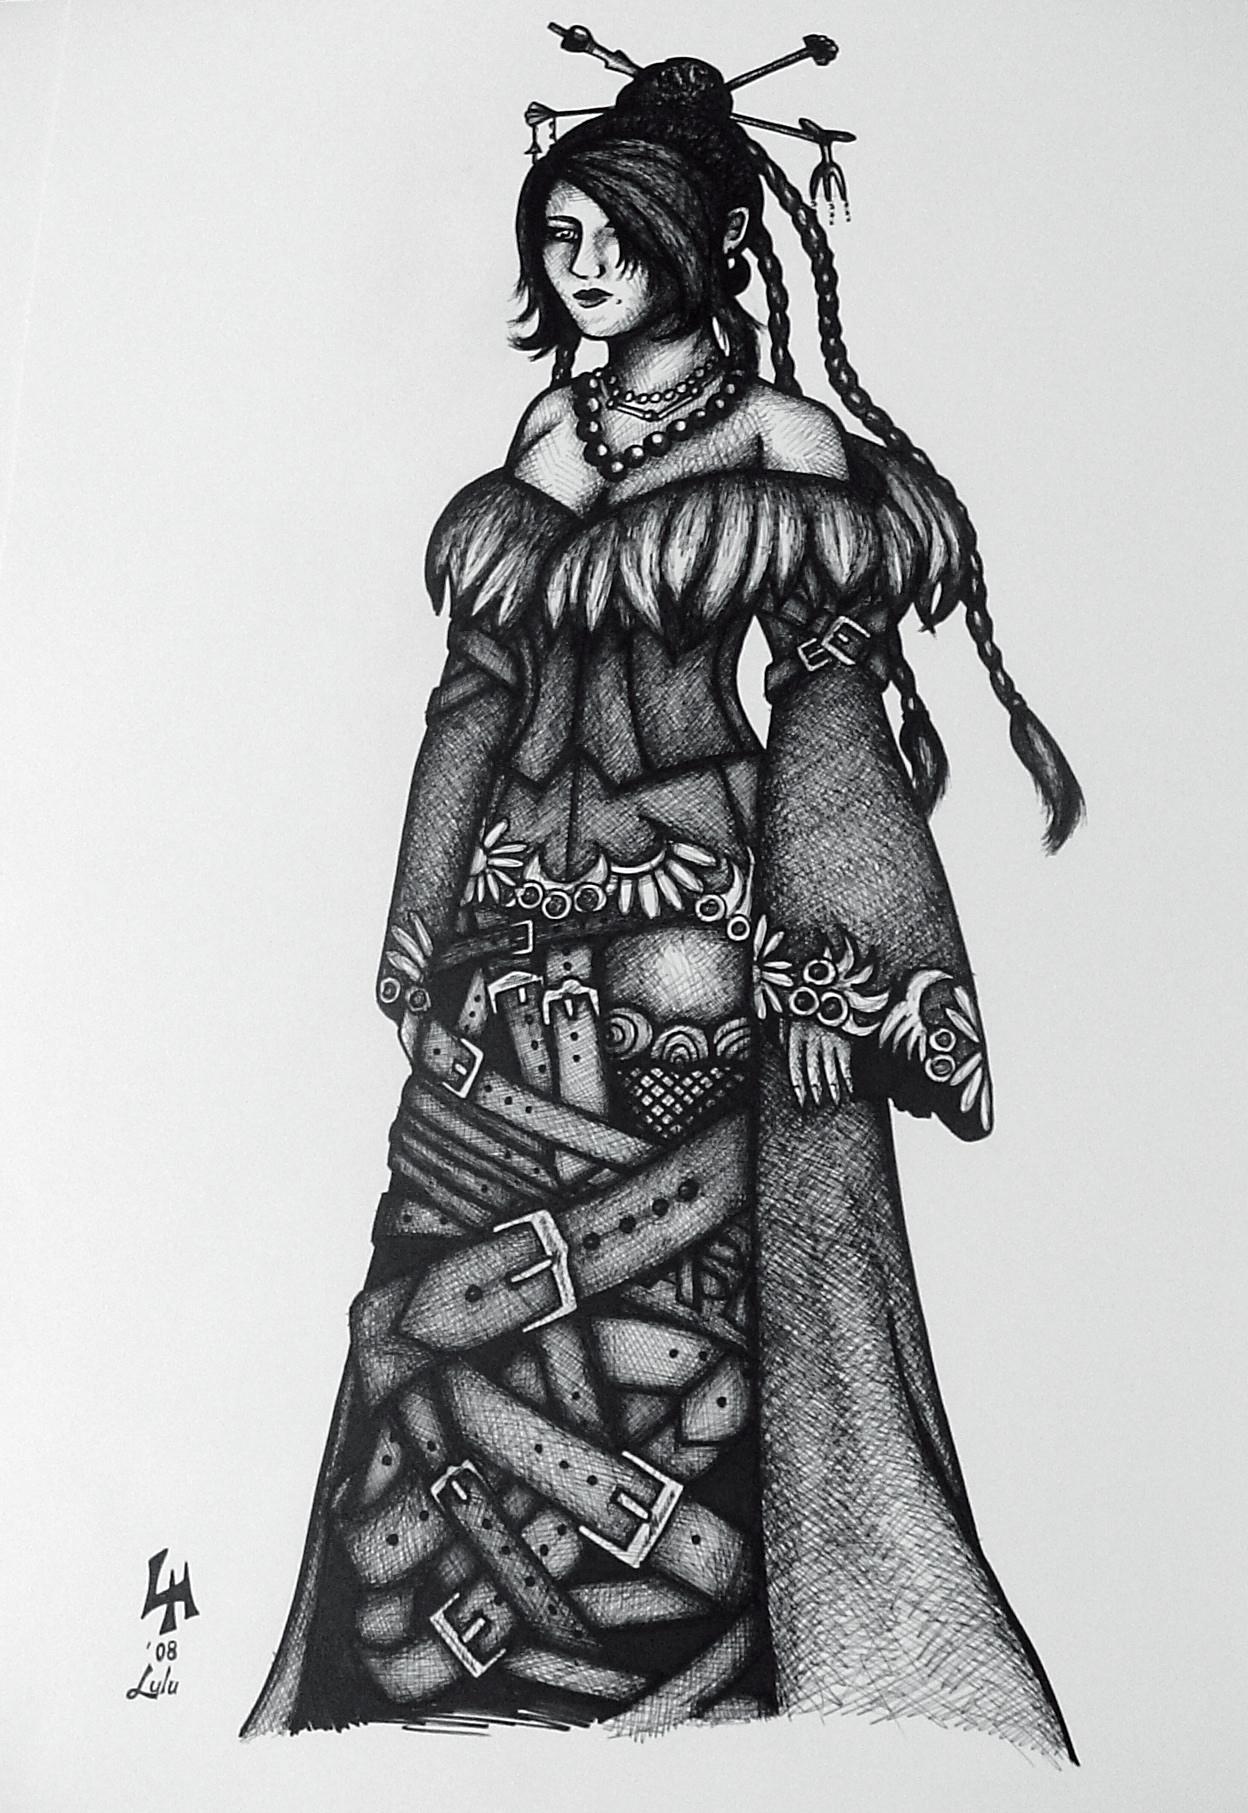 Lulu by pocopony